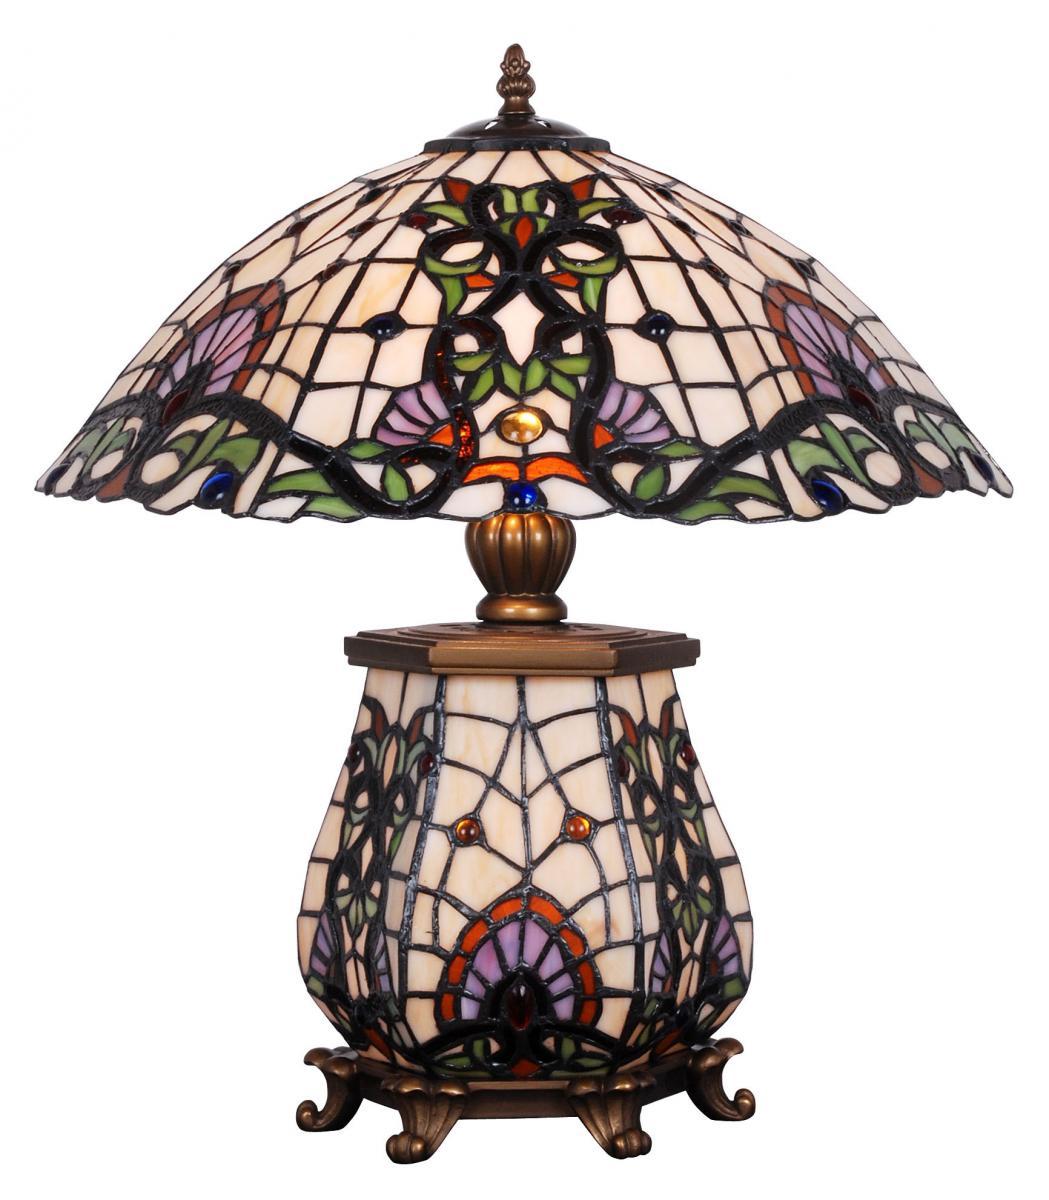 Schön Majestätische Diele Mit Tiffany Kronleuchtern Und Tiffany Stehlampen